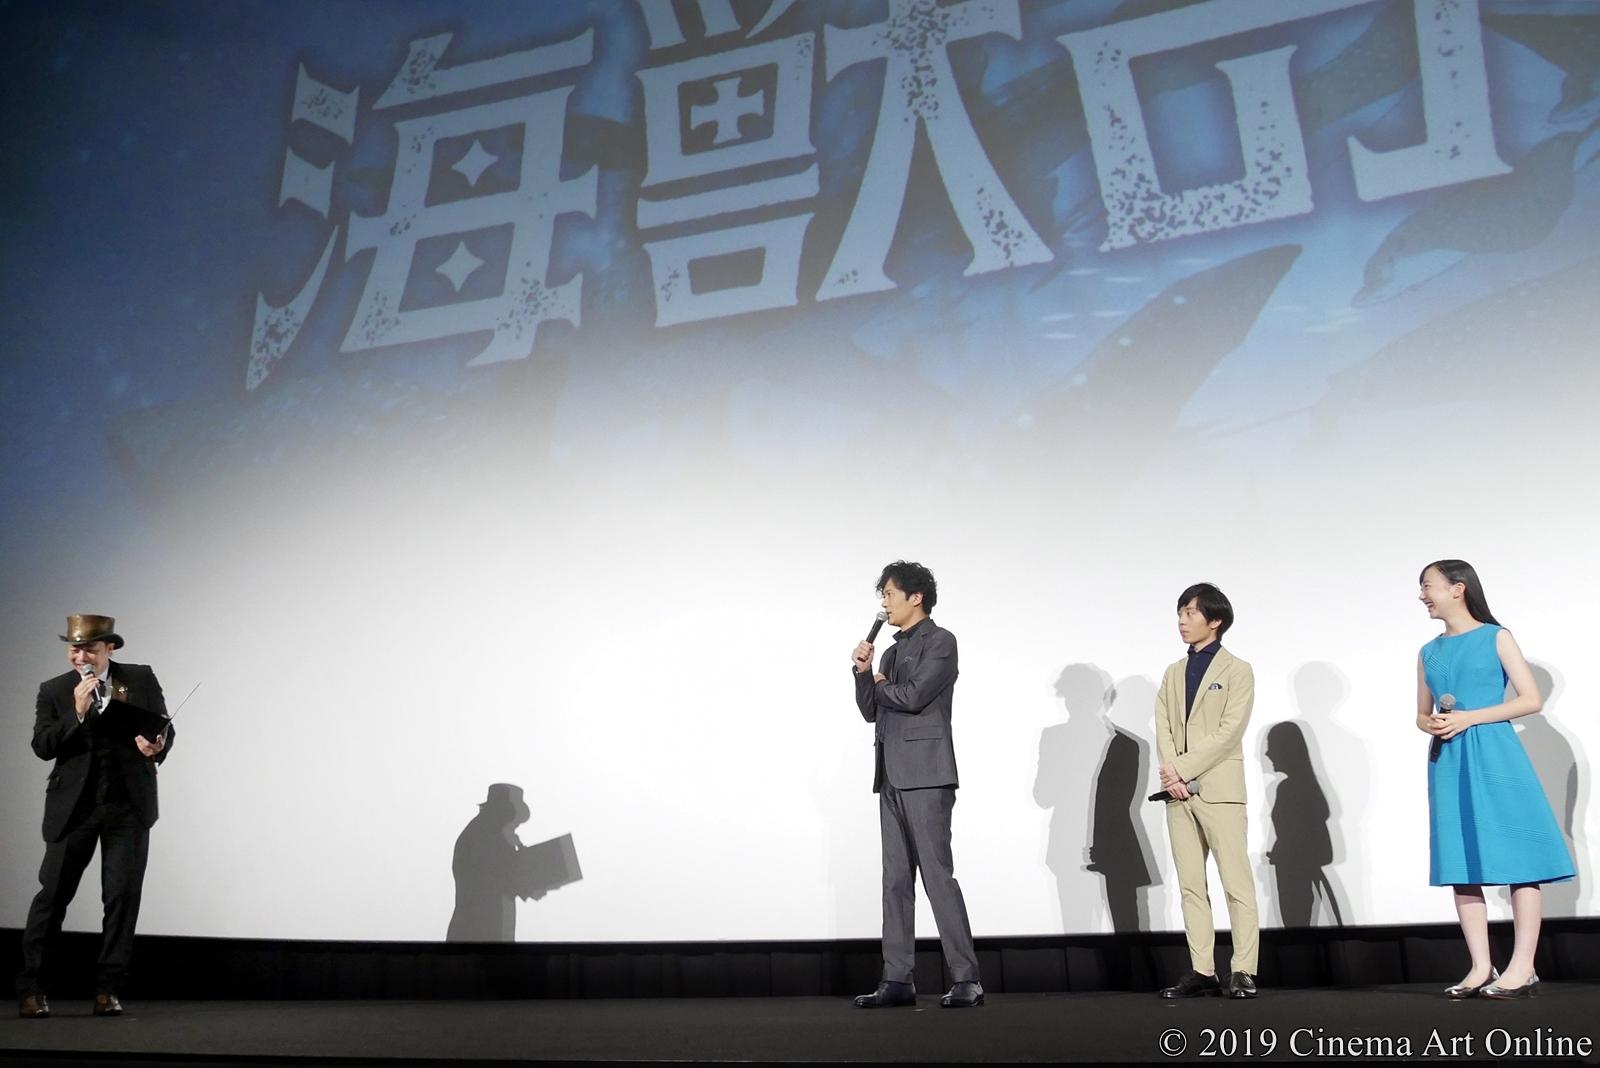 【写真】映画『海獣の子供』公開初日舞台挨拶 (MC・森一丁、稲垣吾郎、浦上晟周、芦田愛菜)